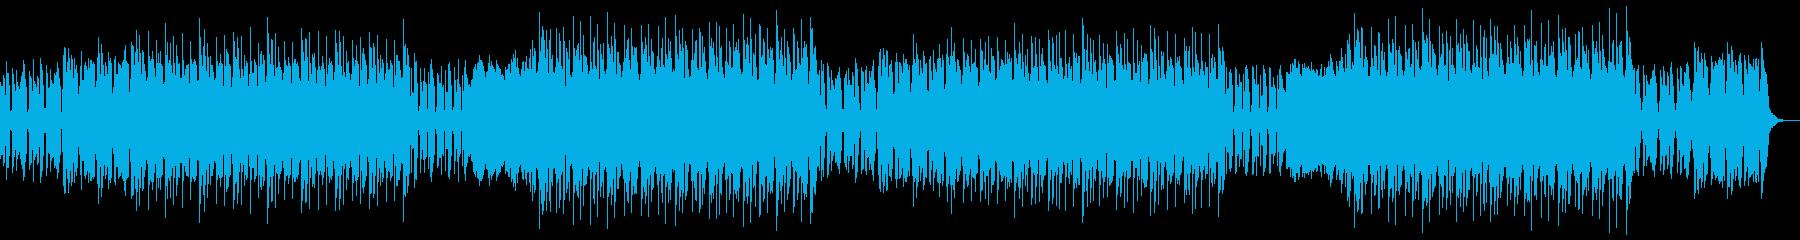 トラップ、ヒップホップ、チルアウトの再生済みの波形